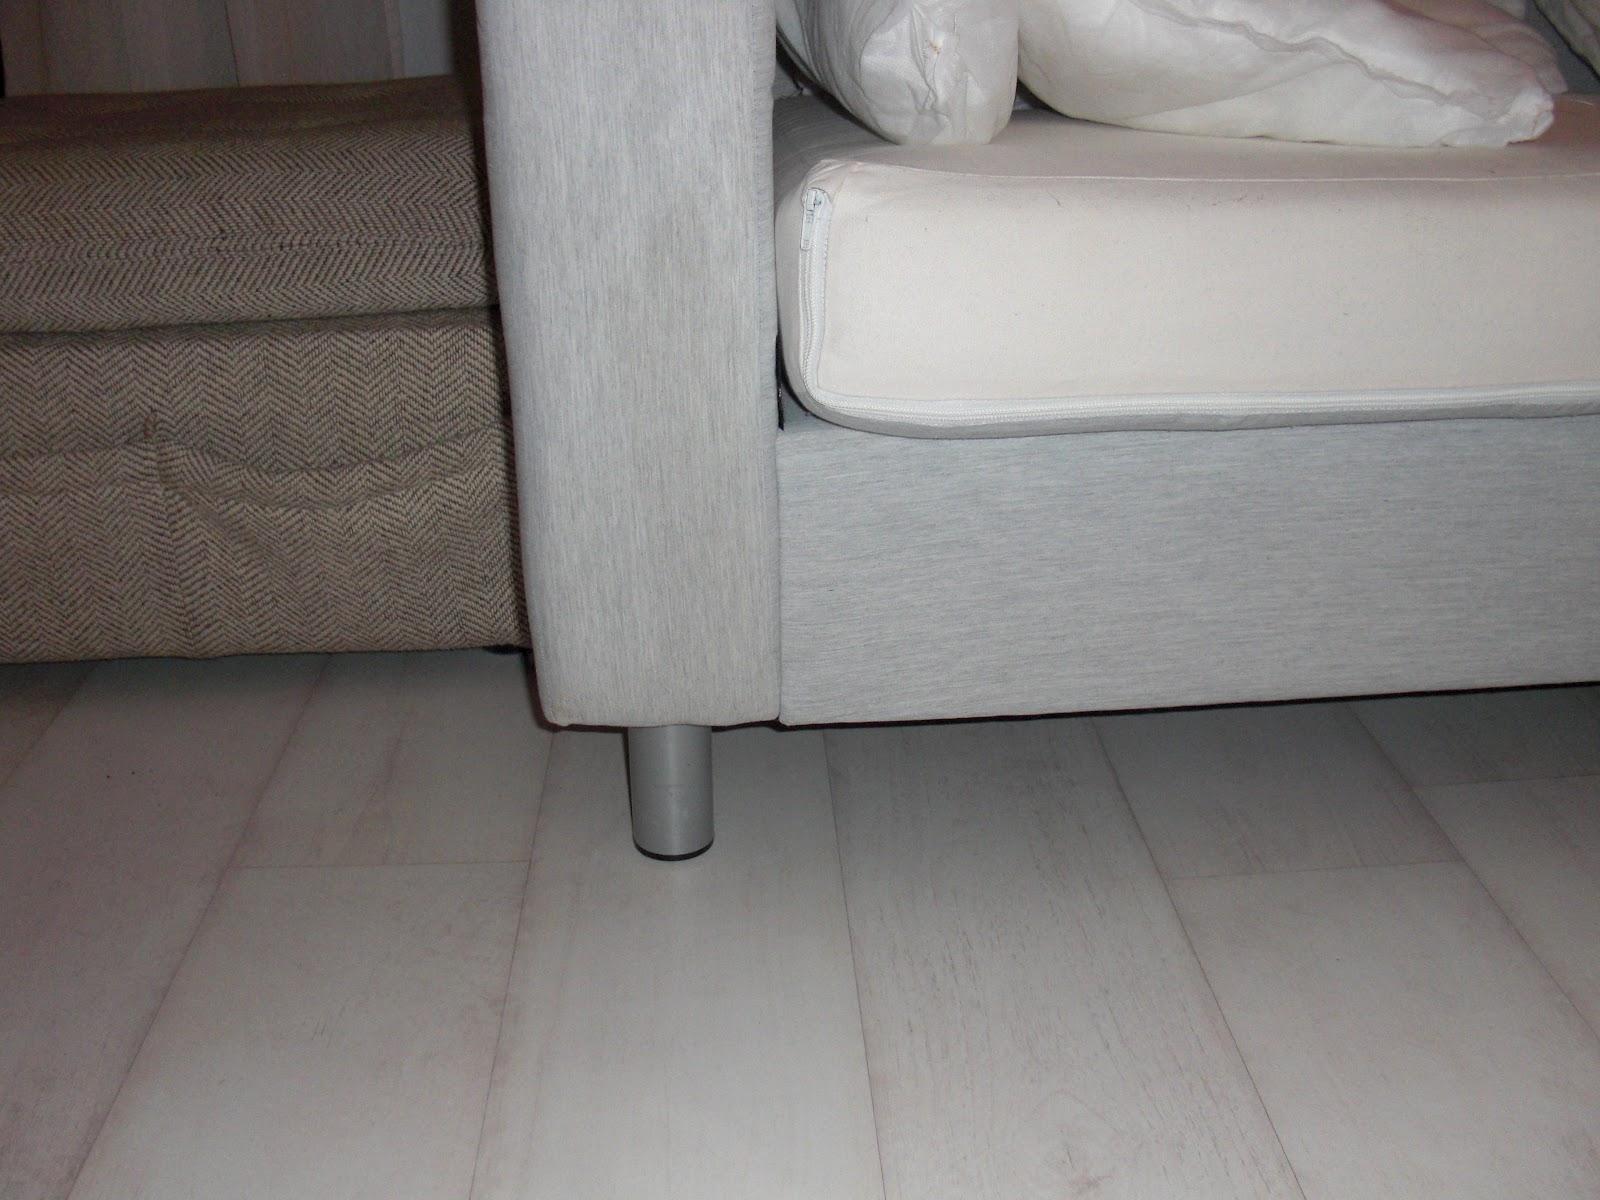 heim elich wohnzimmer berf lliges update und umfrage. Black Bedroom Furniture Sets. Home Design Ideas